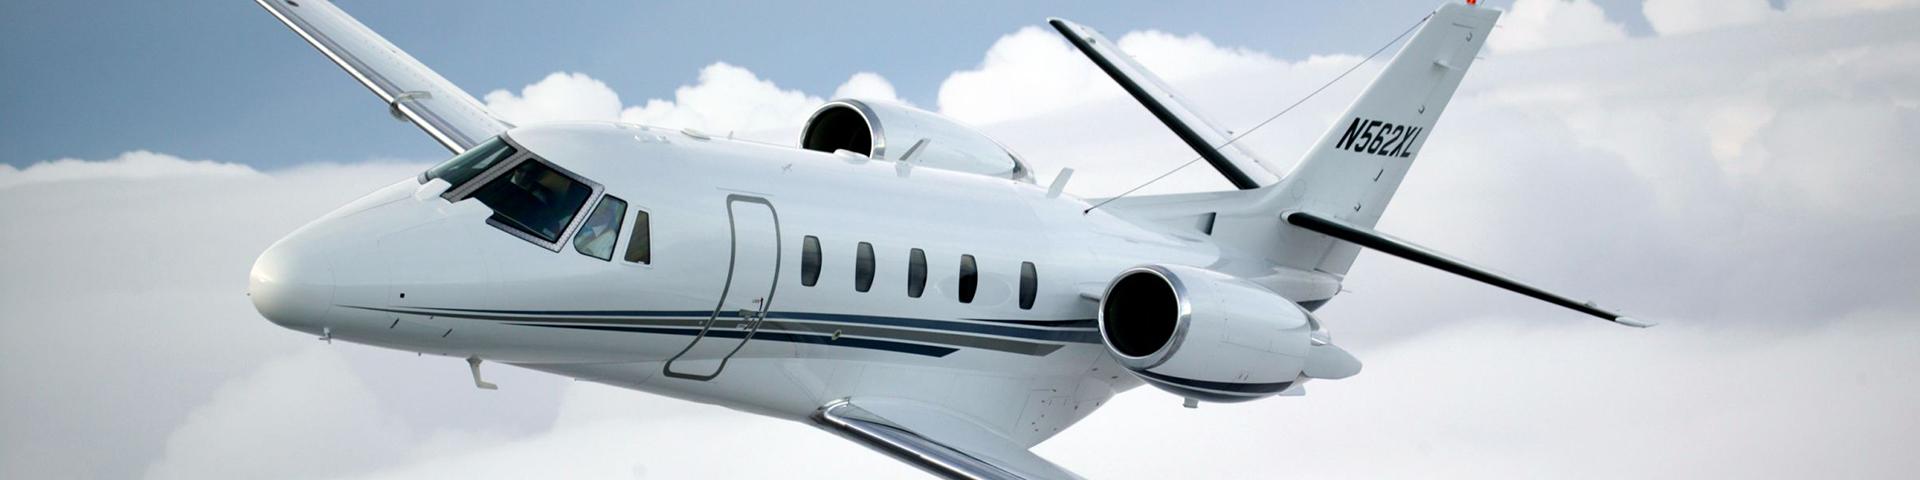 Cessna Citation XLS 23442961 - Citation XLS Private Jet